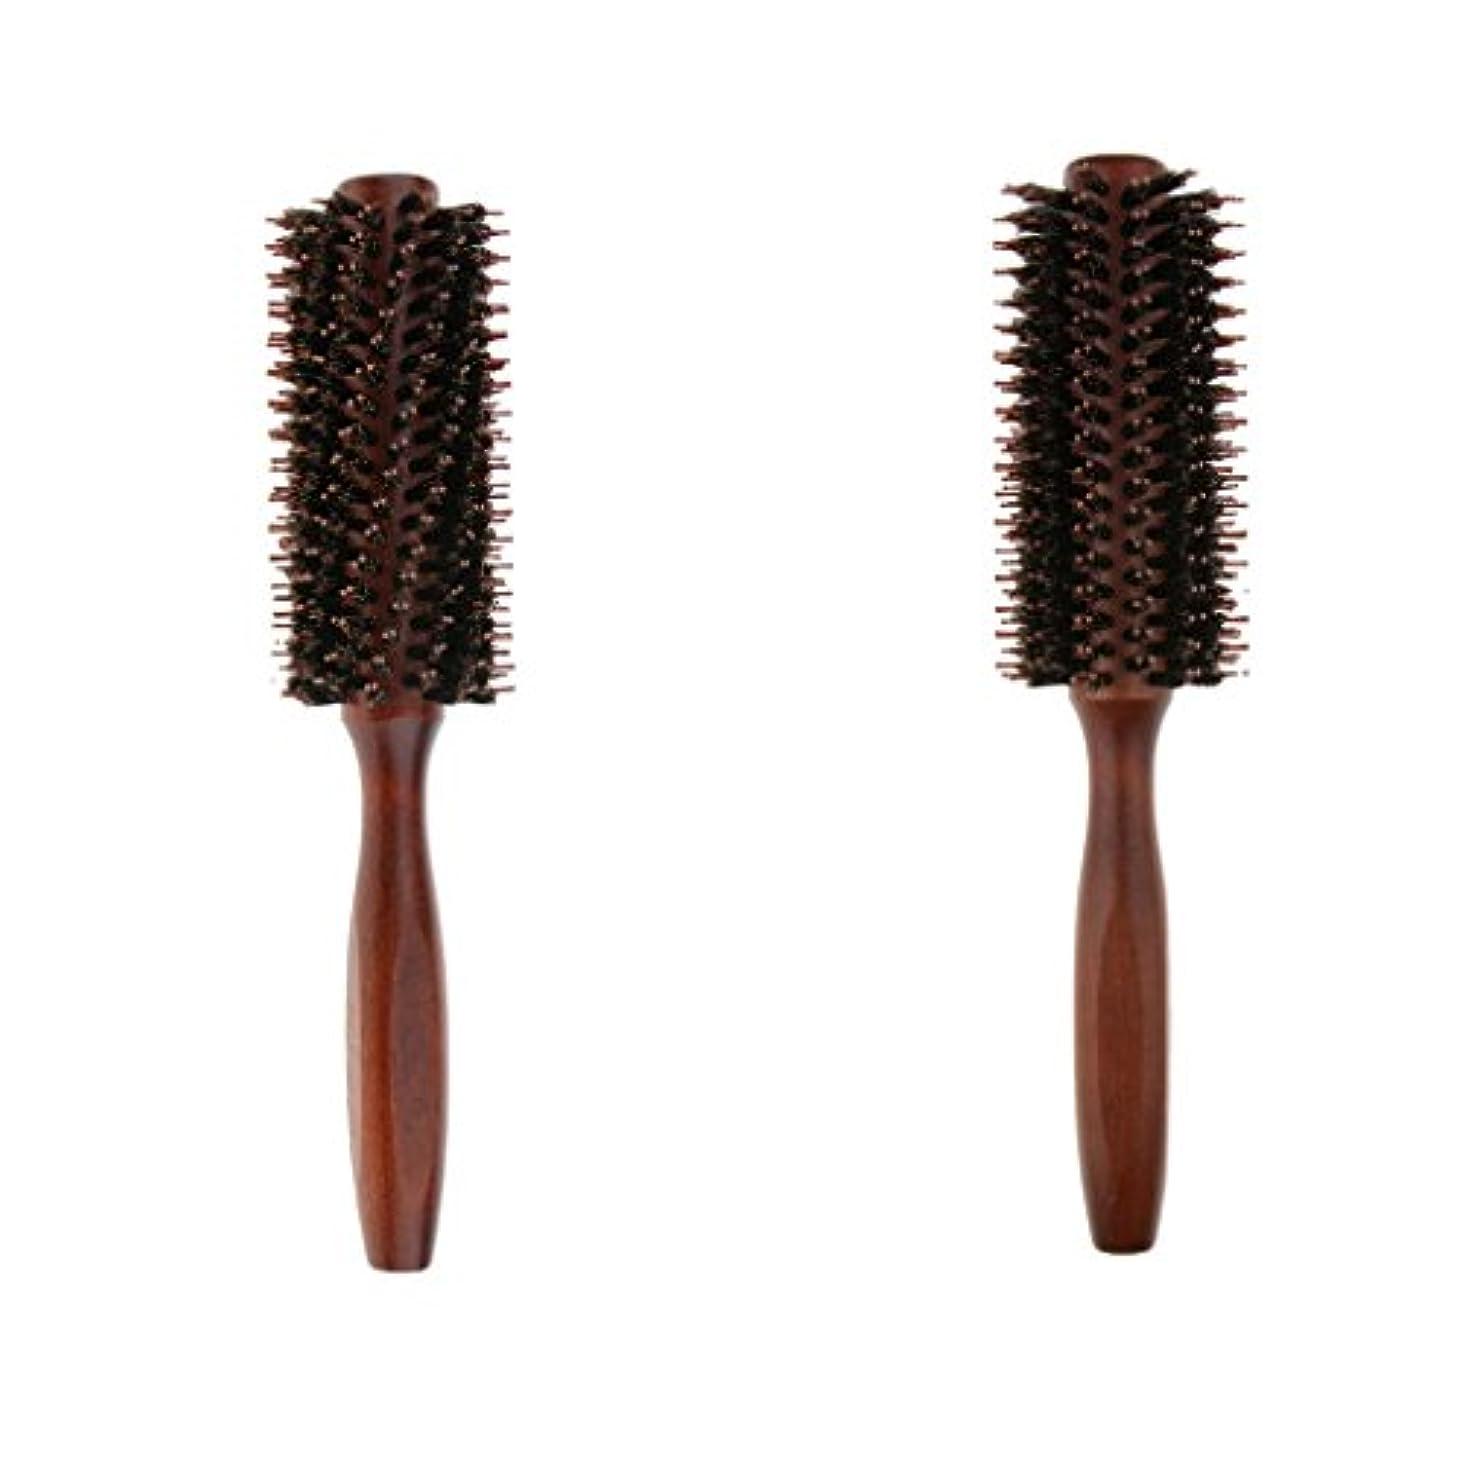 どういたしまして周辺保証B Blesiya 2個 ロールブラシ ヘアブラシ ヘアカラーリング用 木製櫛 静電気防止 耐熱コーム 巻き髪